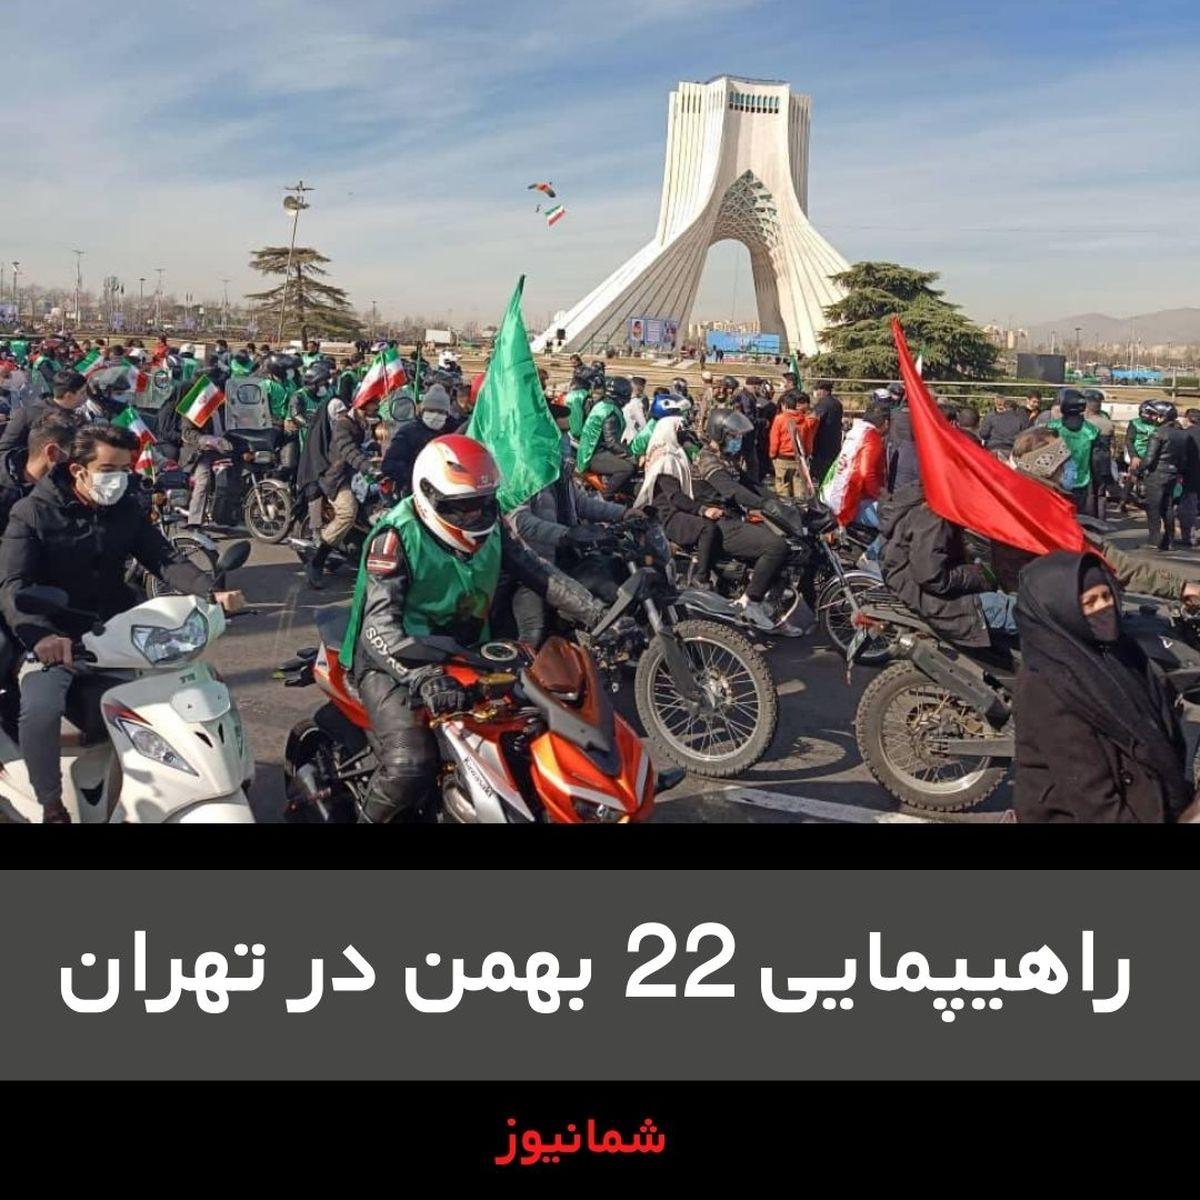 تصاویری از راهپیمایی 22 بهمن در تهران + عکس